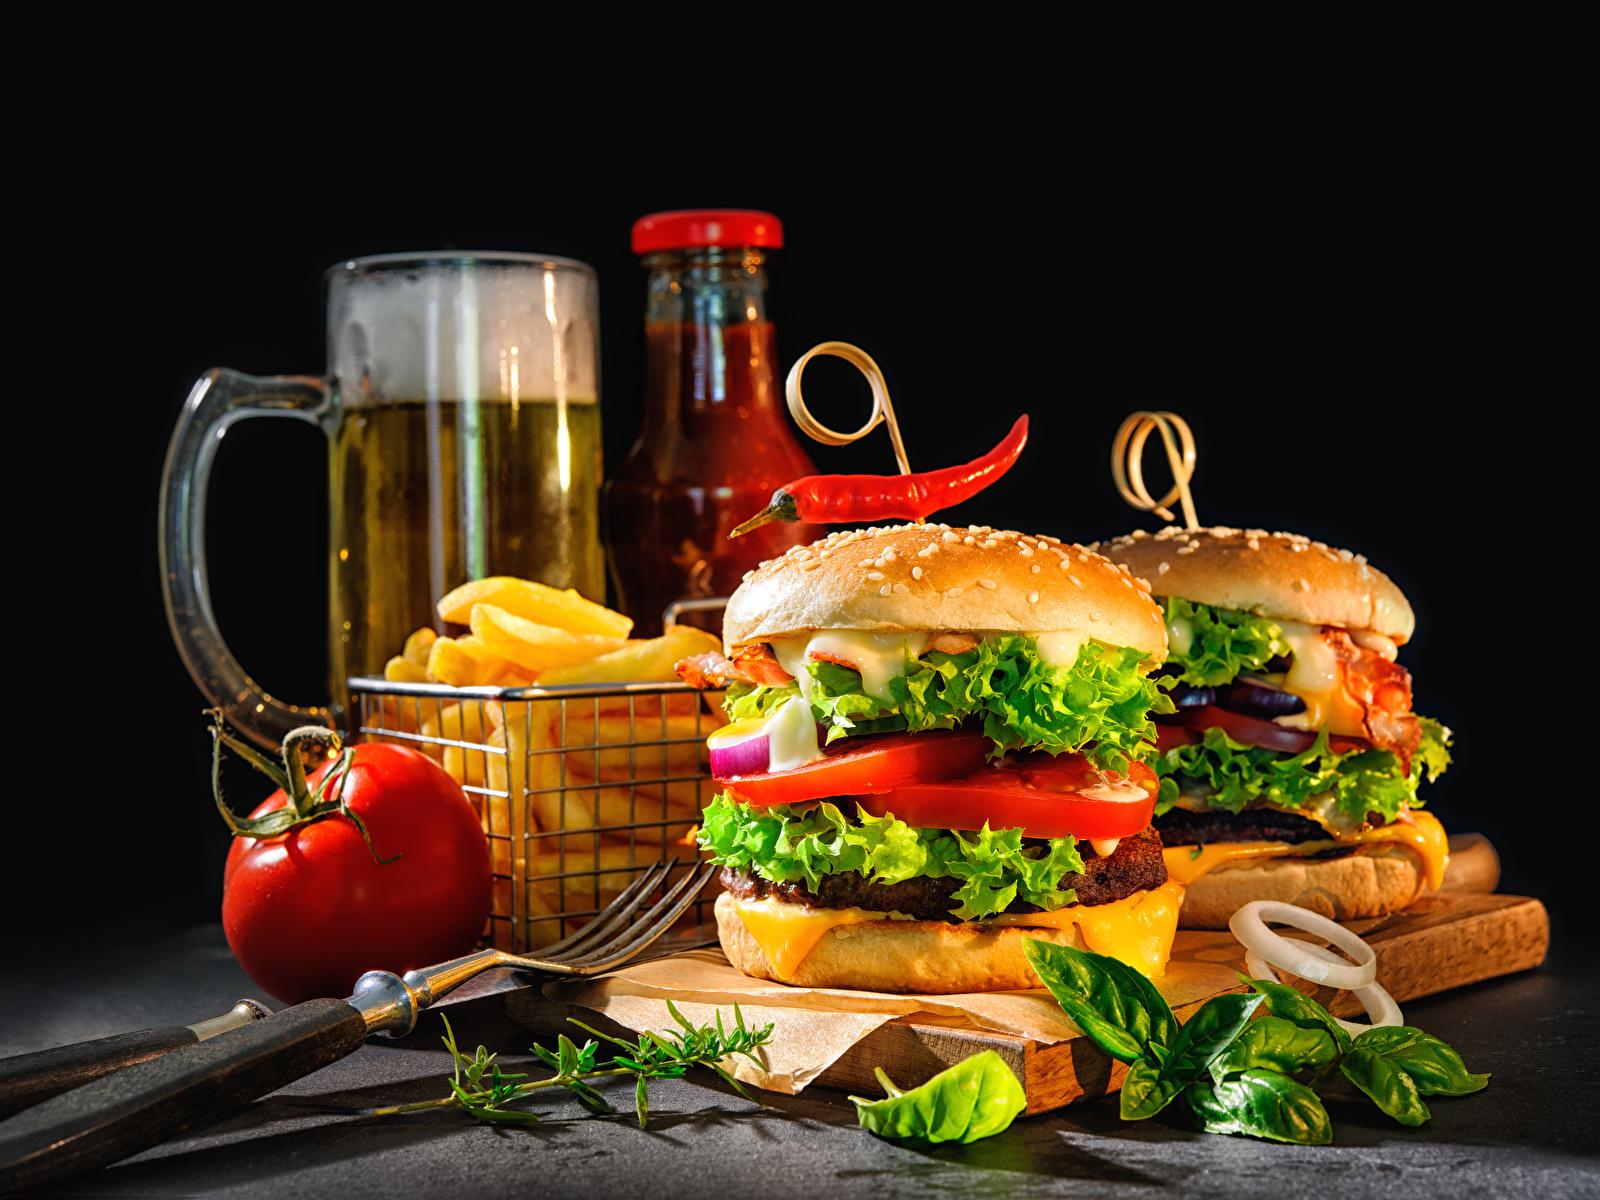 Фото Пиво Томаты Гамбургер Еда Овощи Вилка столовая Черный фон 1600x1200 Помидоры Пища вилки Продукты питания на черном фоне